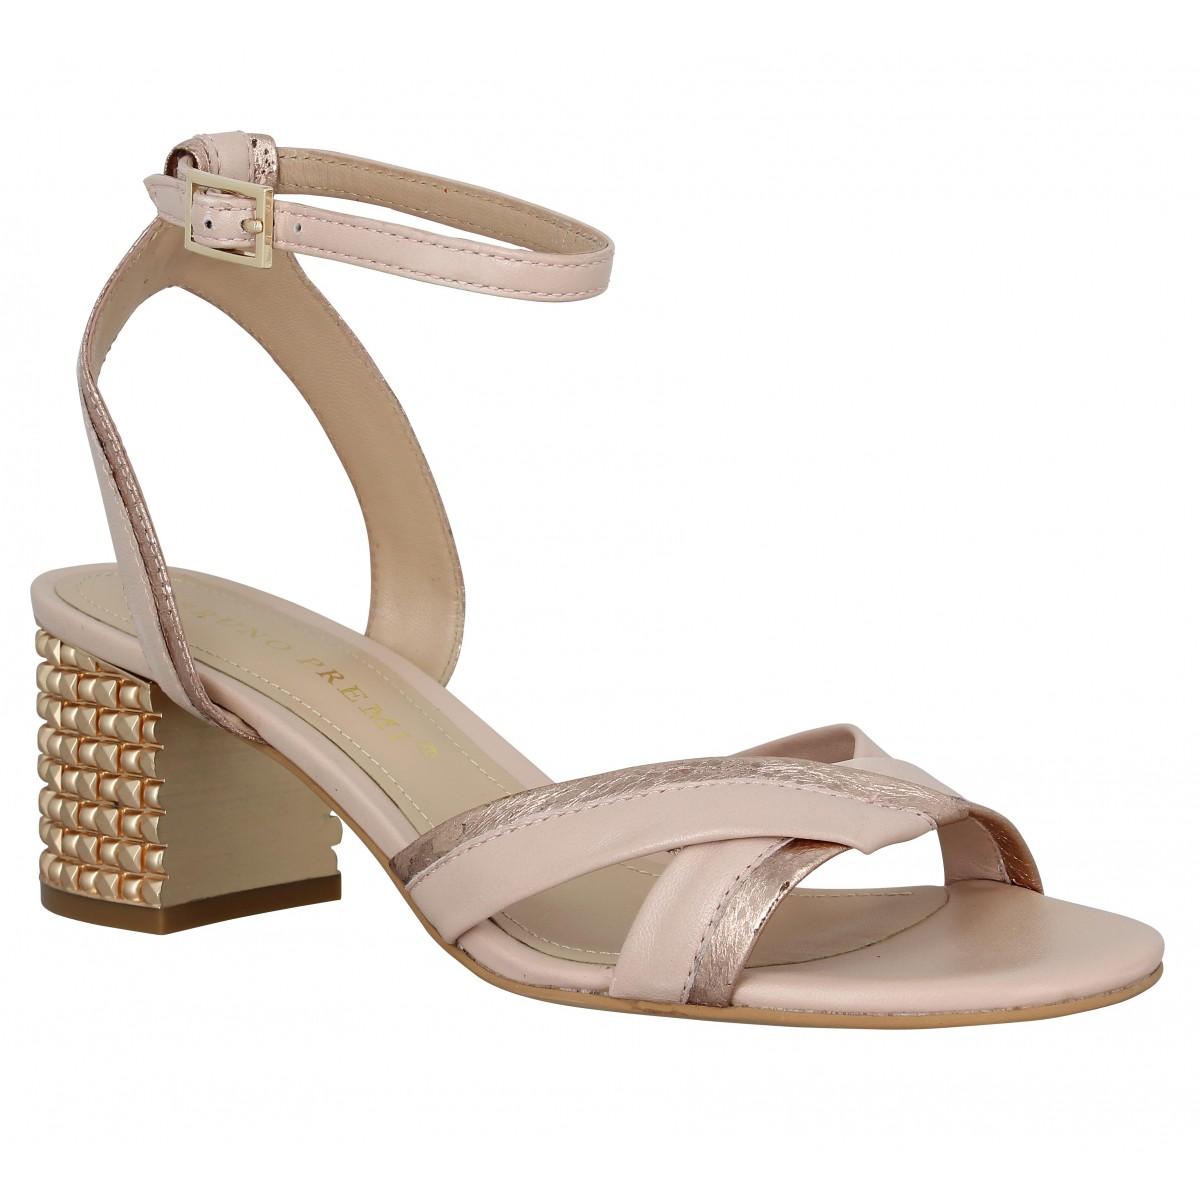 Premi Chaussures 1000 Bruno Nudefanny 5a3jq4rl Femme Cuir YEHIW9D2